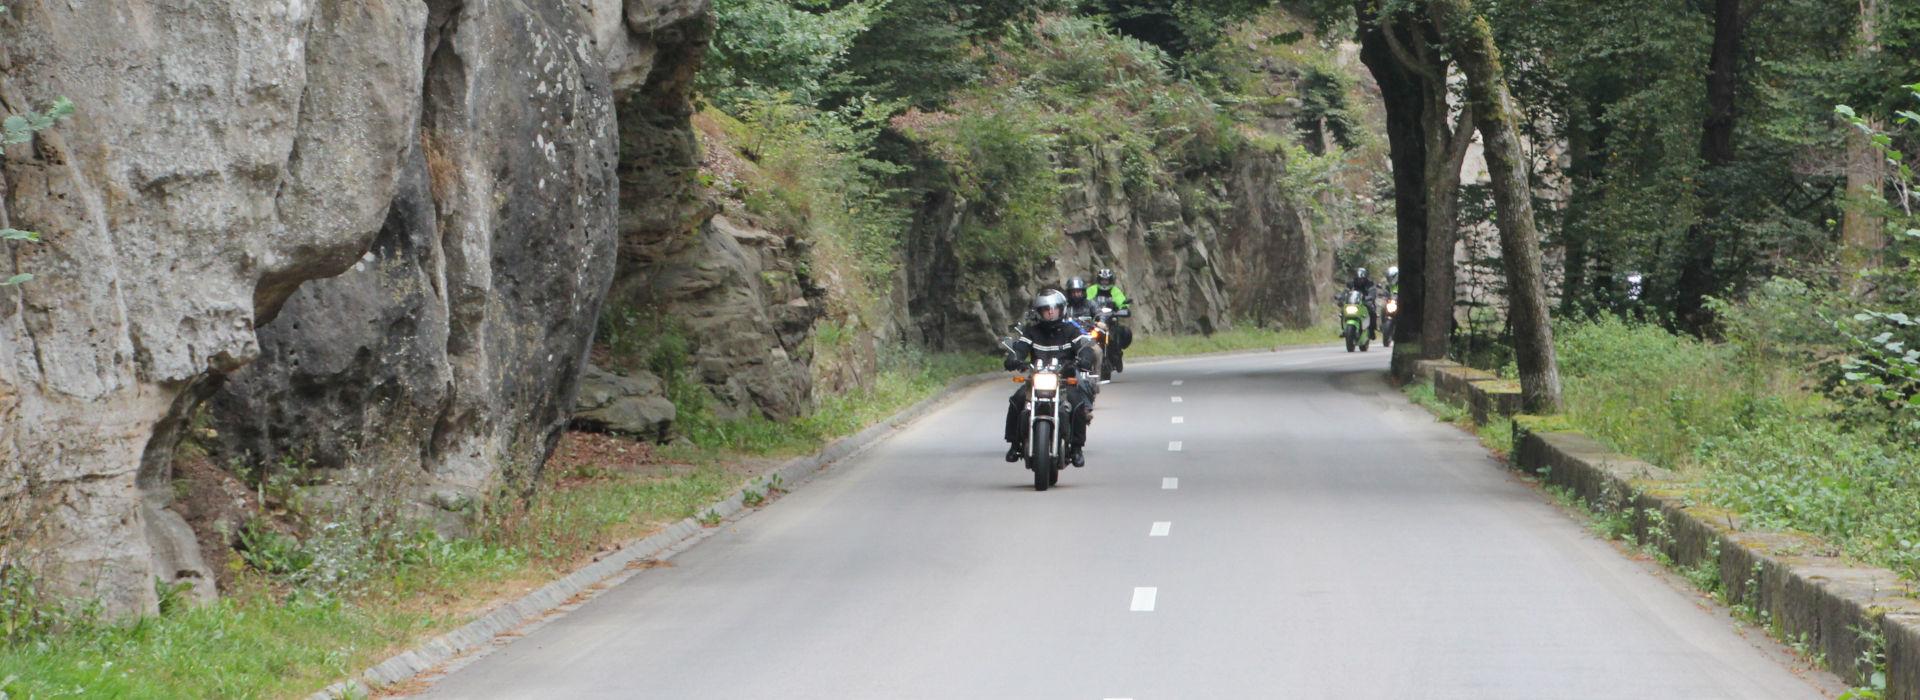 Motorrijbewijspoint Hardinxveld spoed motorrijbewijs